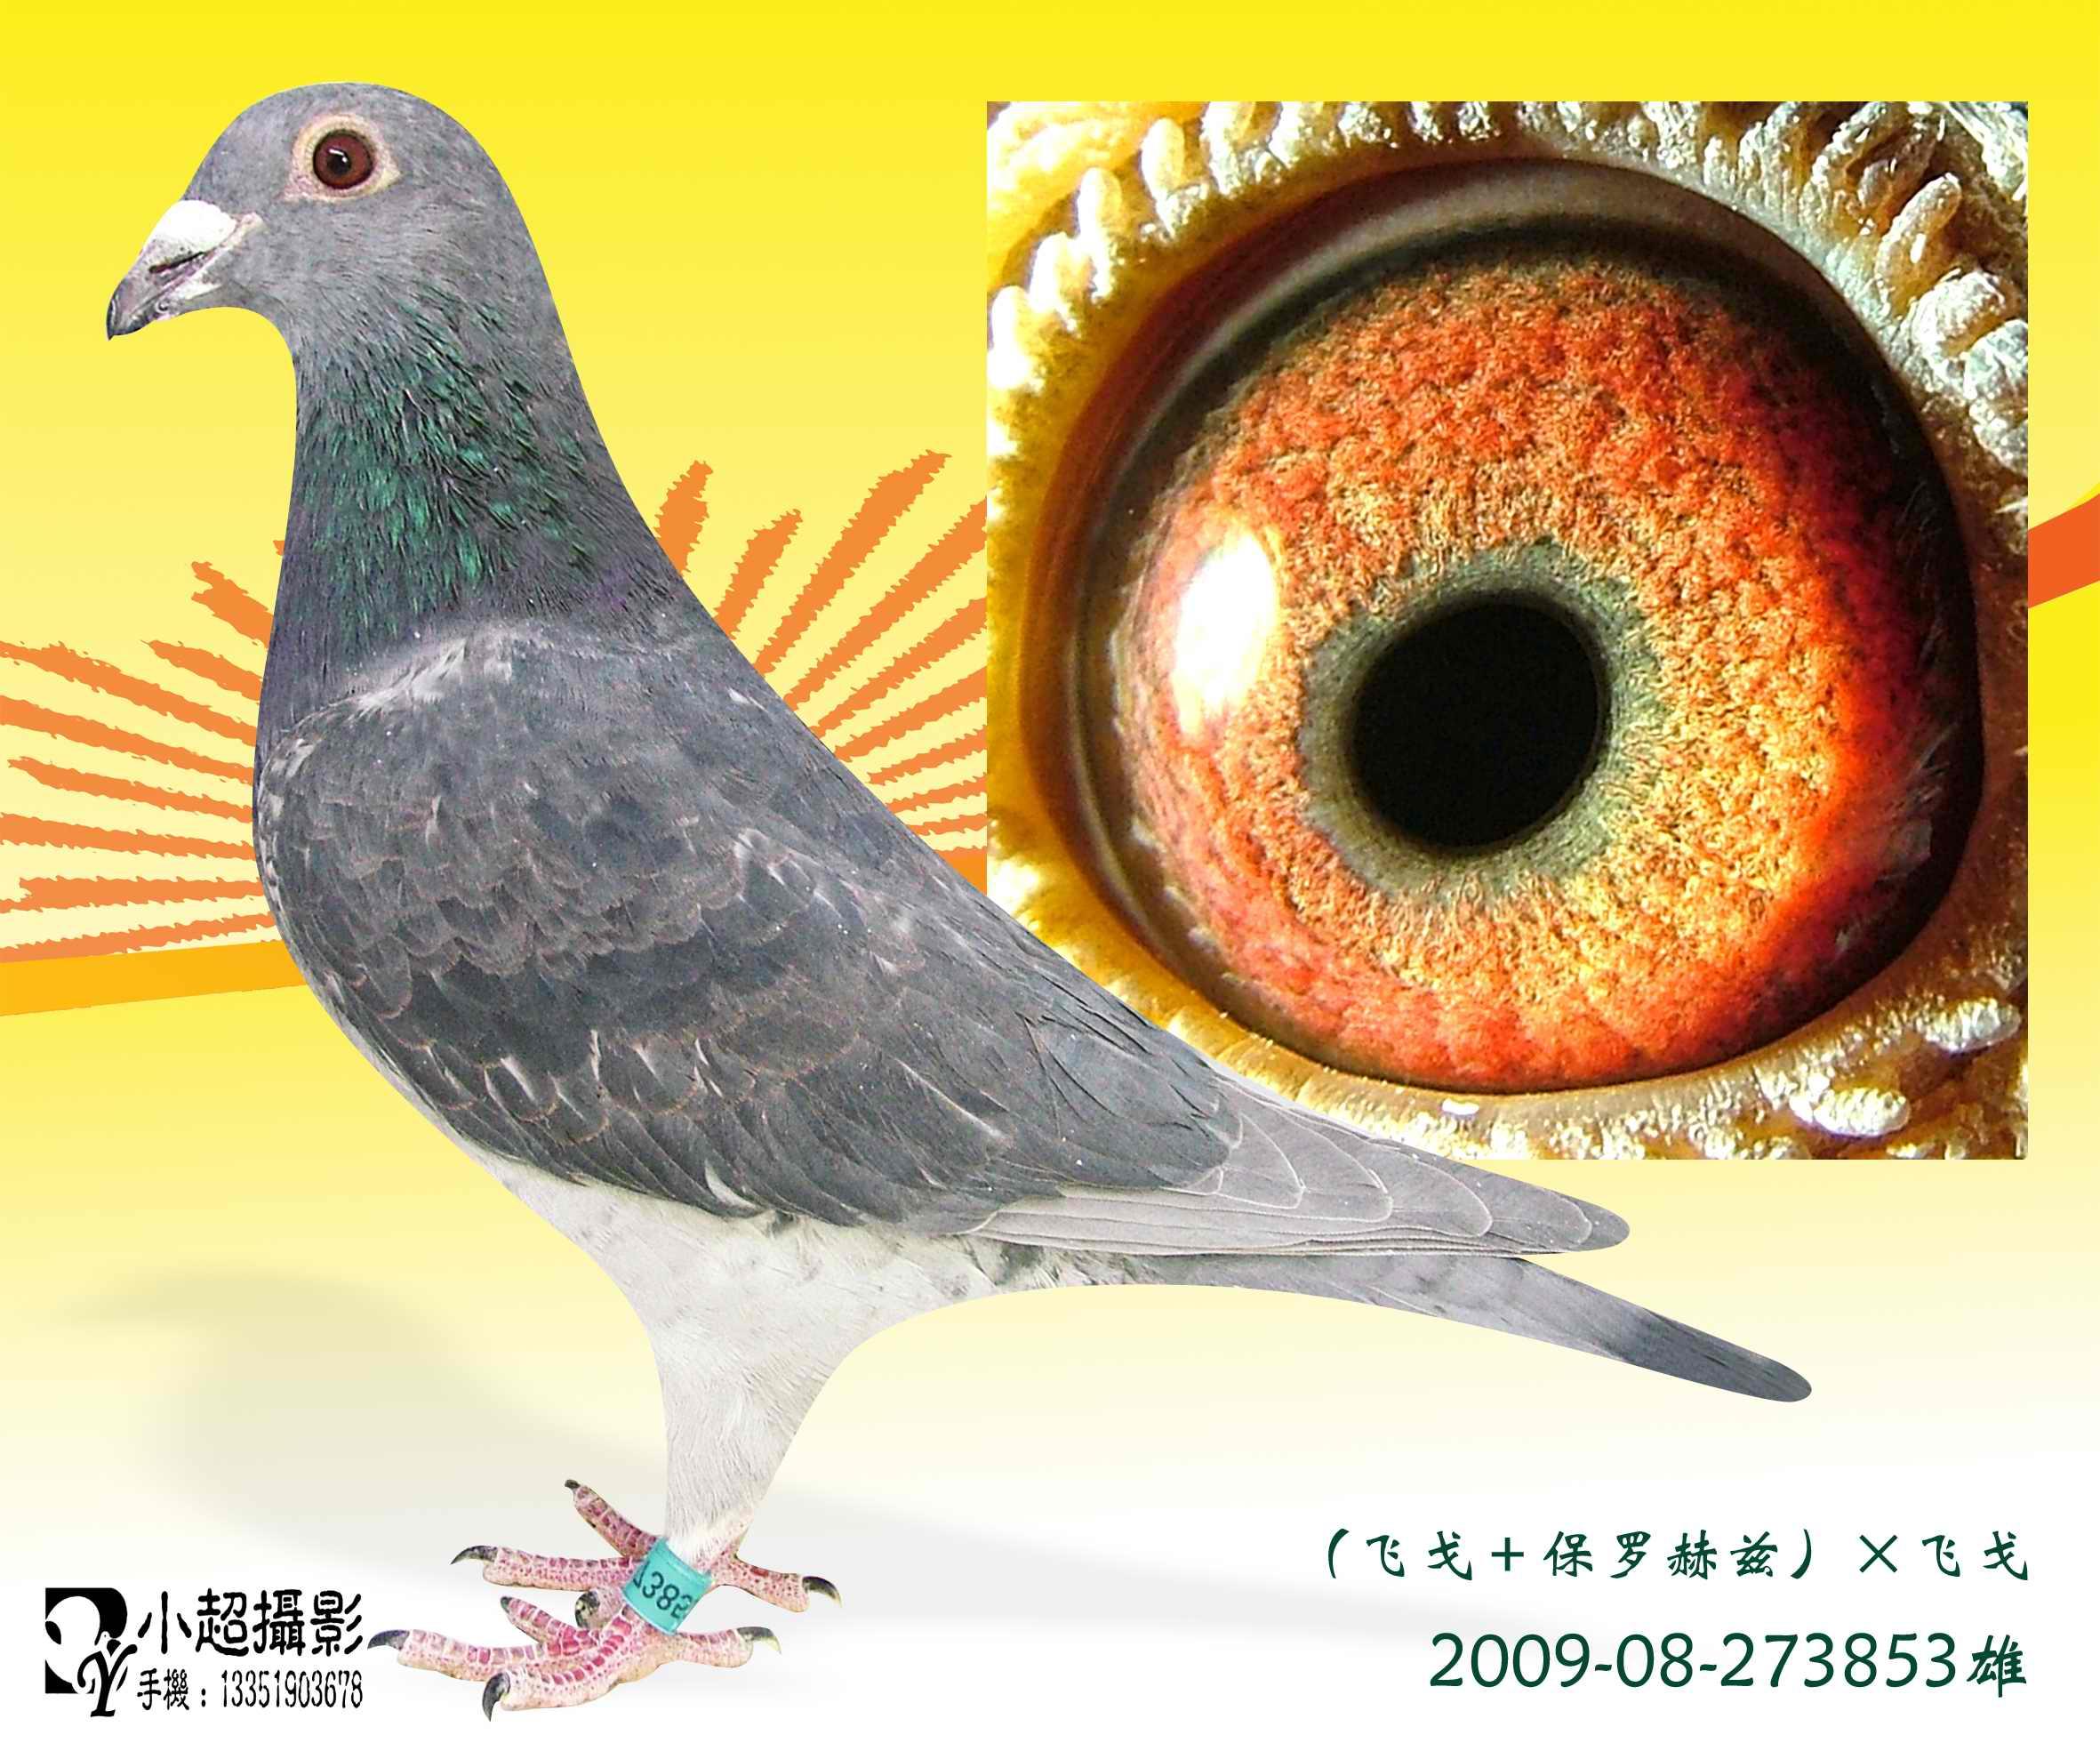 信鸽特征-32 飞戈 保罗赫兹 飞戈